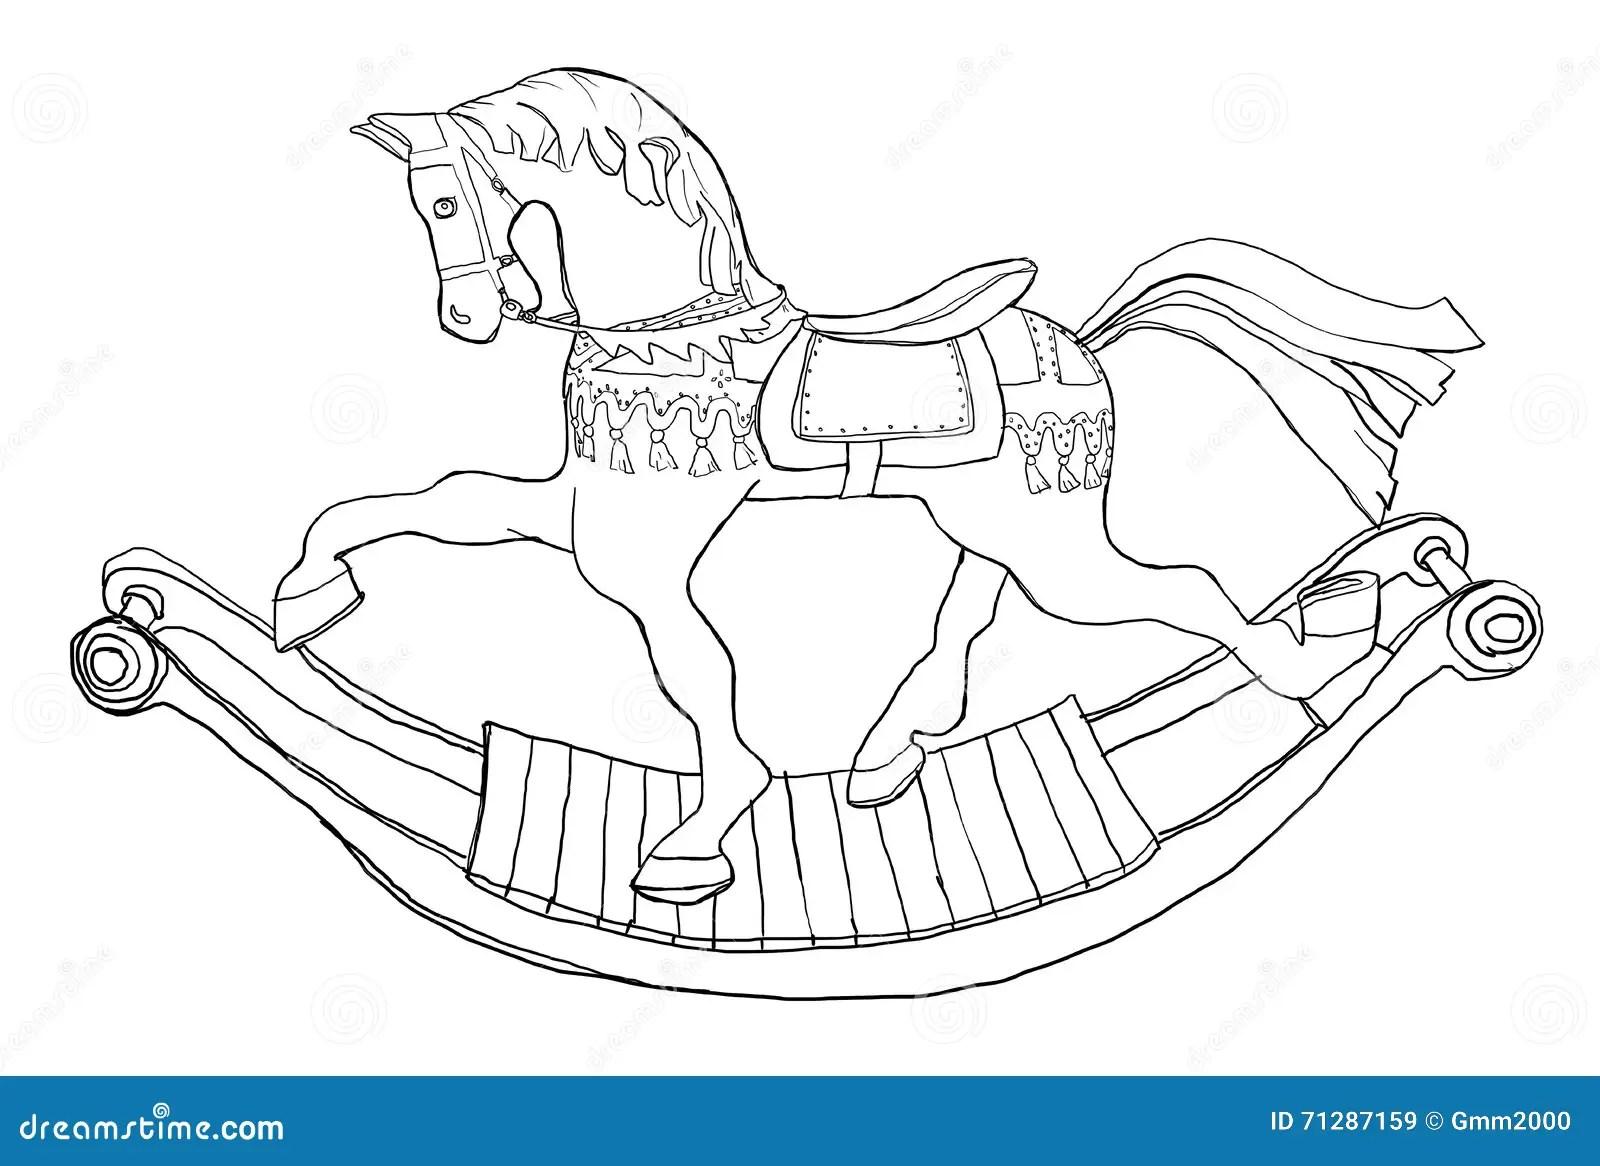 Carousel Rocking Horse Line Art Stock Illustration